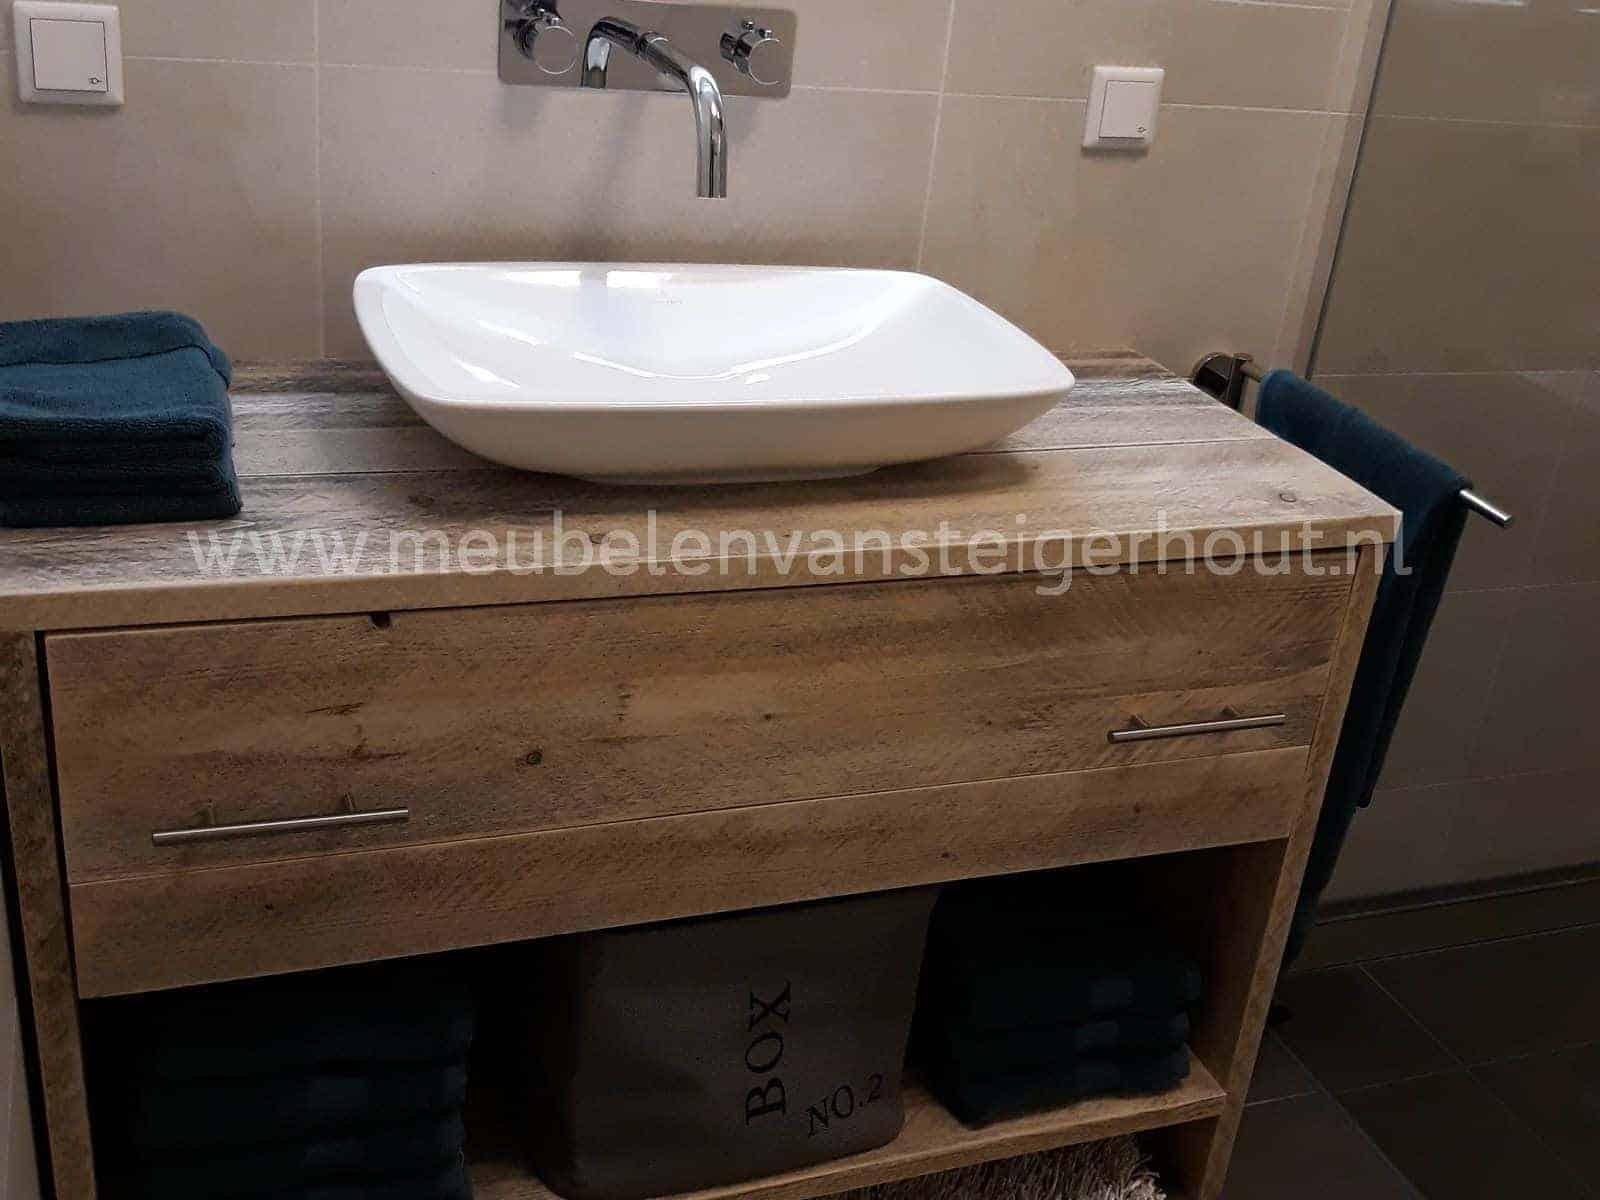 Badmeubel steigerhout met pe lade en onderplank 2 meubelen van